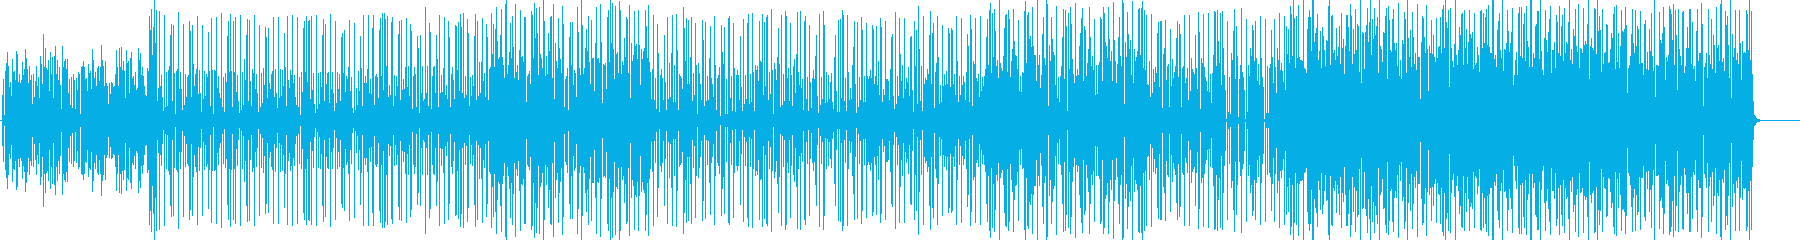 ファンキーなピアノのR&Bの再生済みの波形